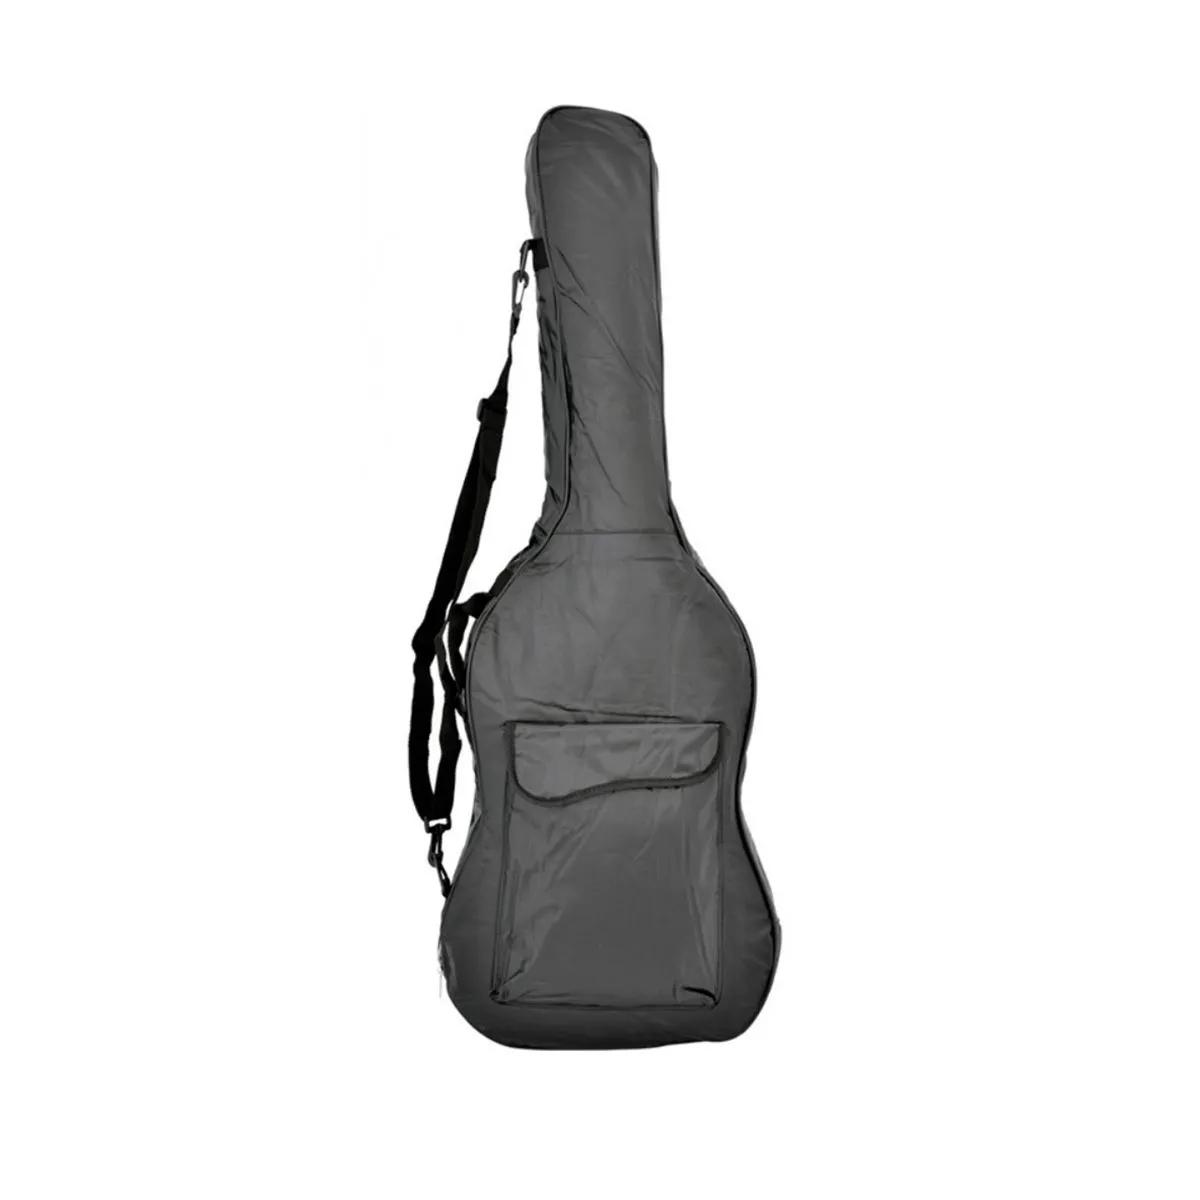 Bag Capa Courino Especial Phx PAA007 Preta para Contrabaixo